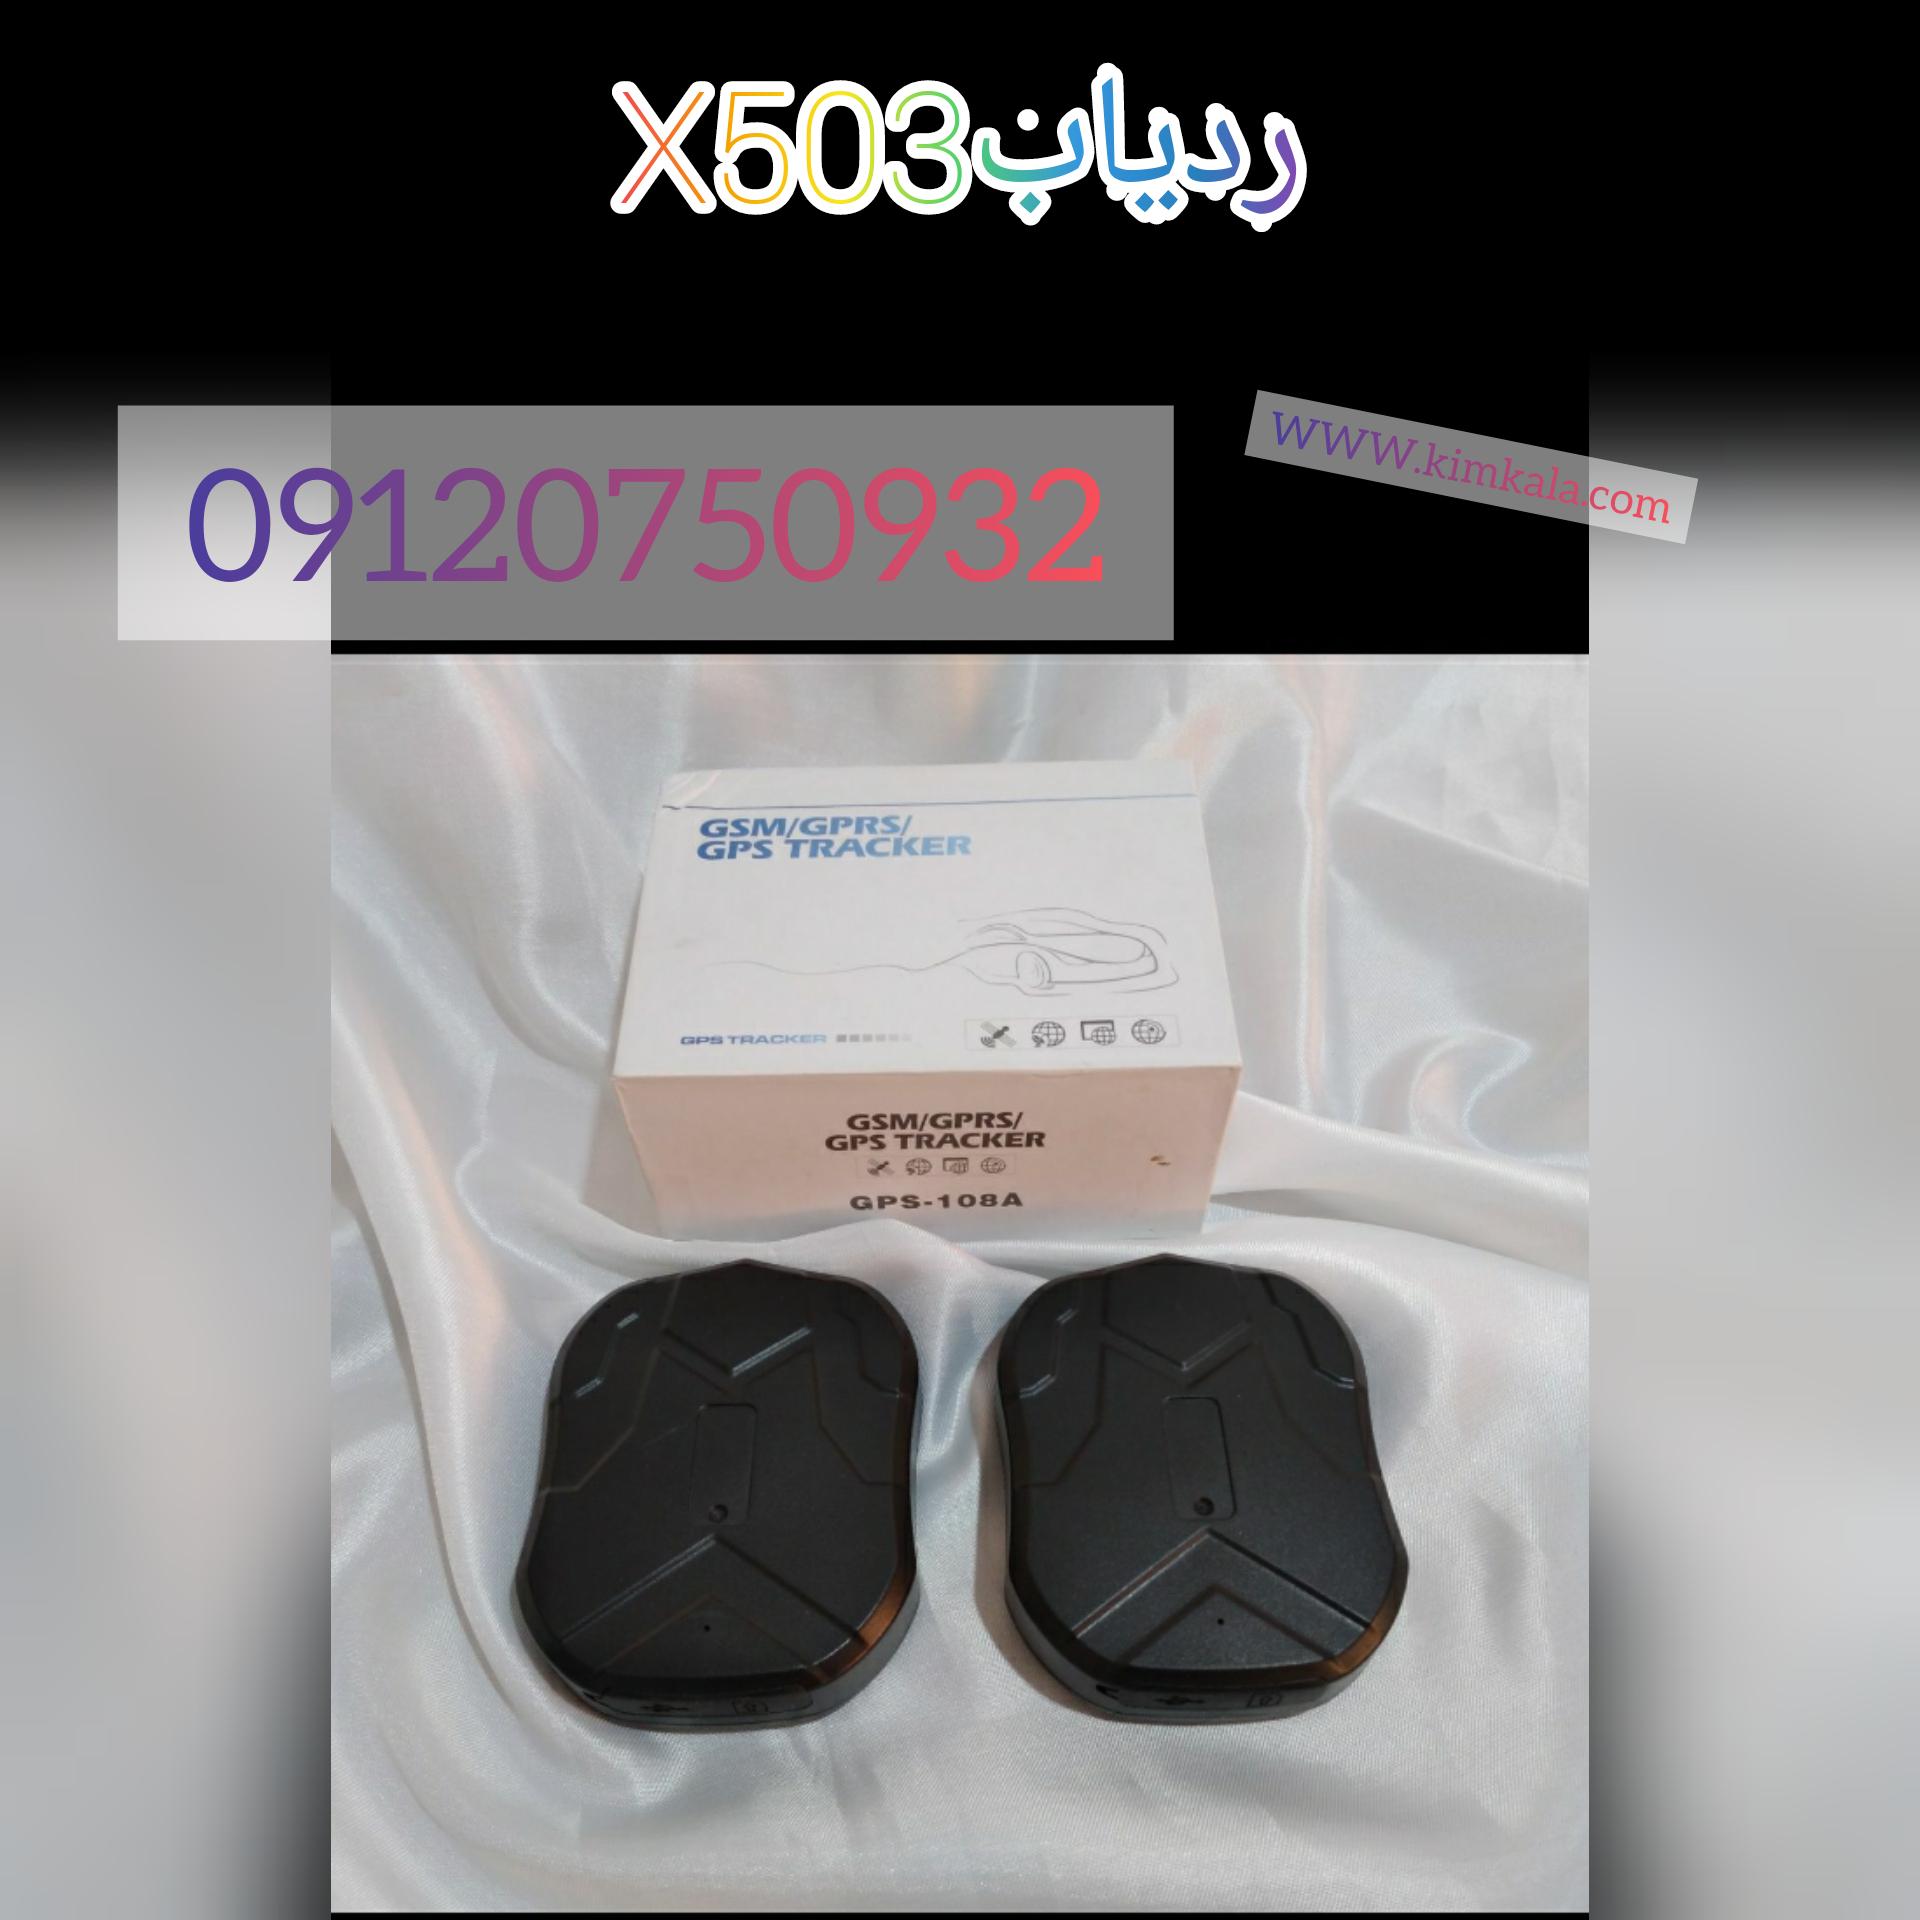 ردیابX503/قیمت ردیاب آهنربایی/09120750932